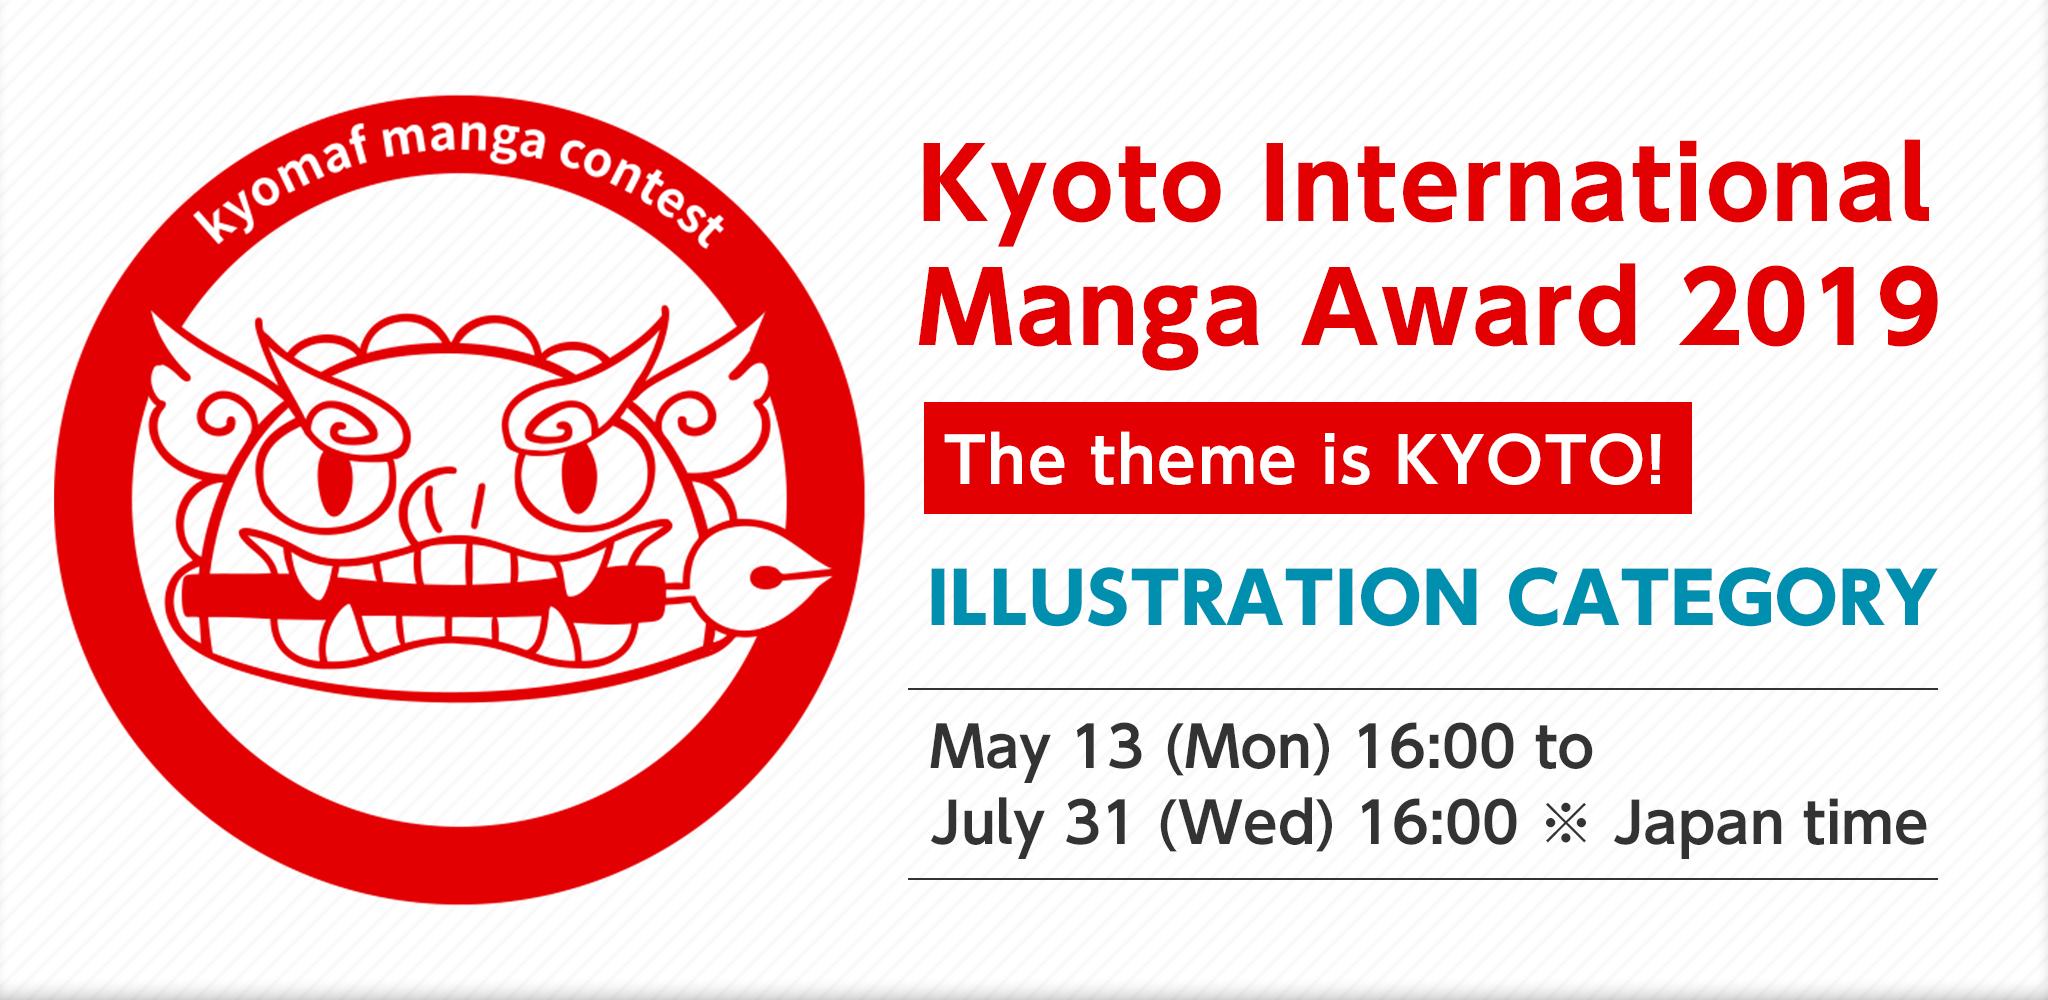 Kyoto International Manga Awards 2019 Illustration Category